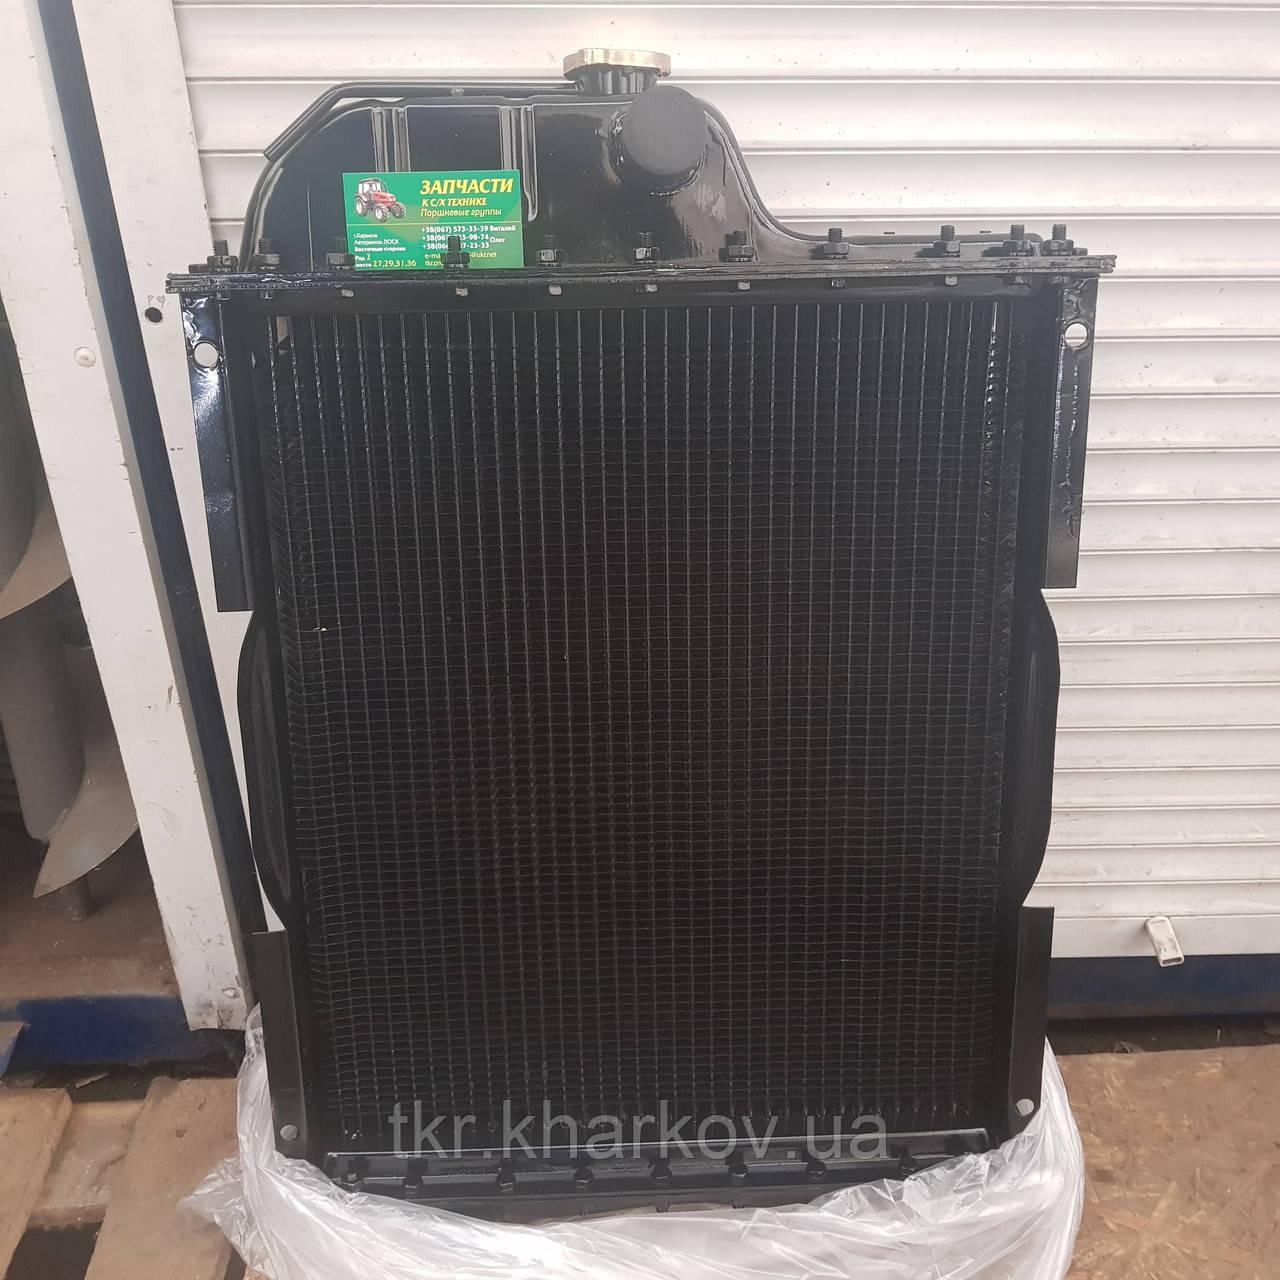 Радиатор водяного охлаждения МТЗ-80  МТЗ-80 70П-1301.010  Д-240,243 (4-х рядн.) латунный